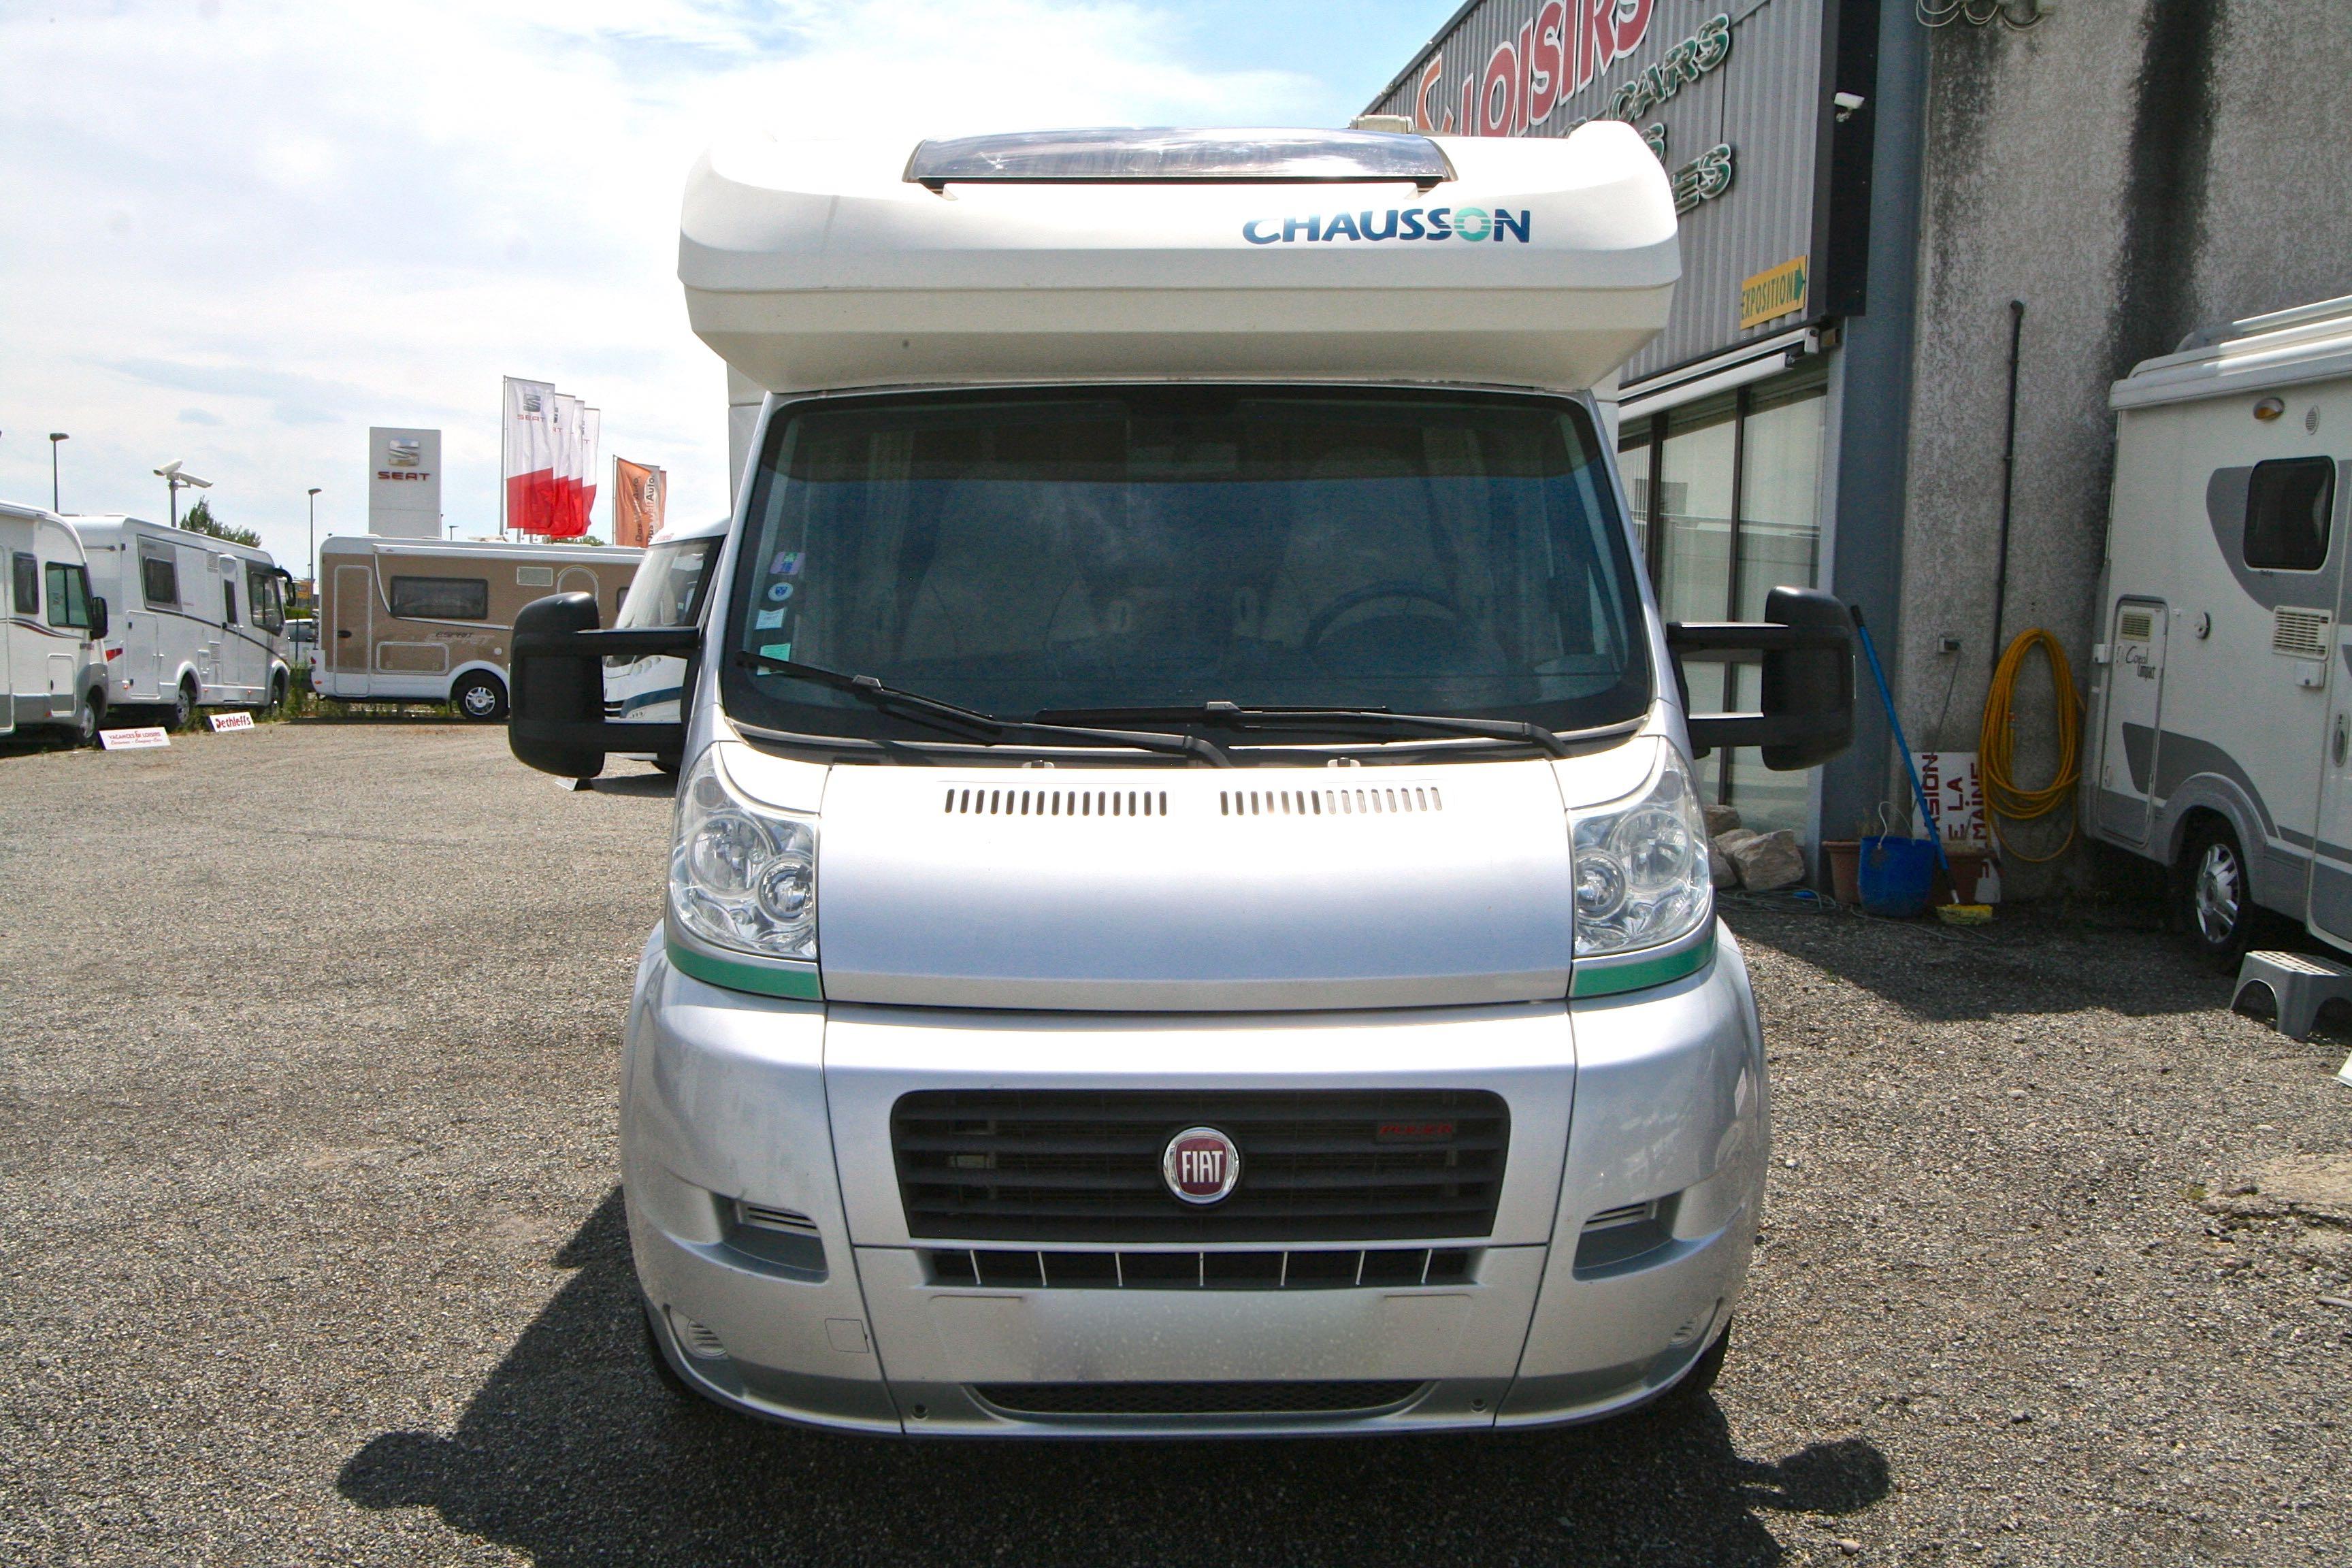 Chausson sweet garage occasion fiat camping car en for Garage fiat bagnols sur ceze